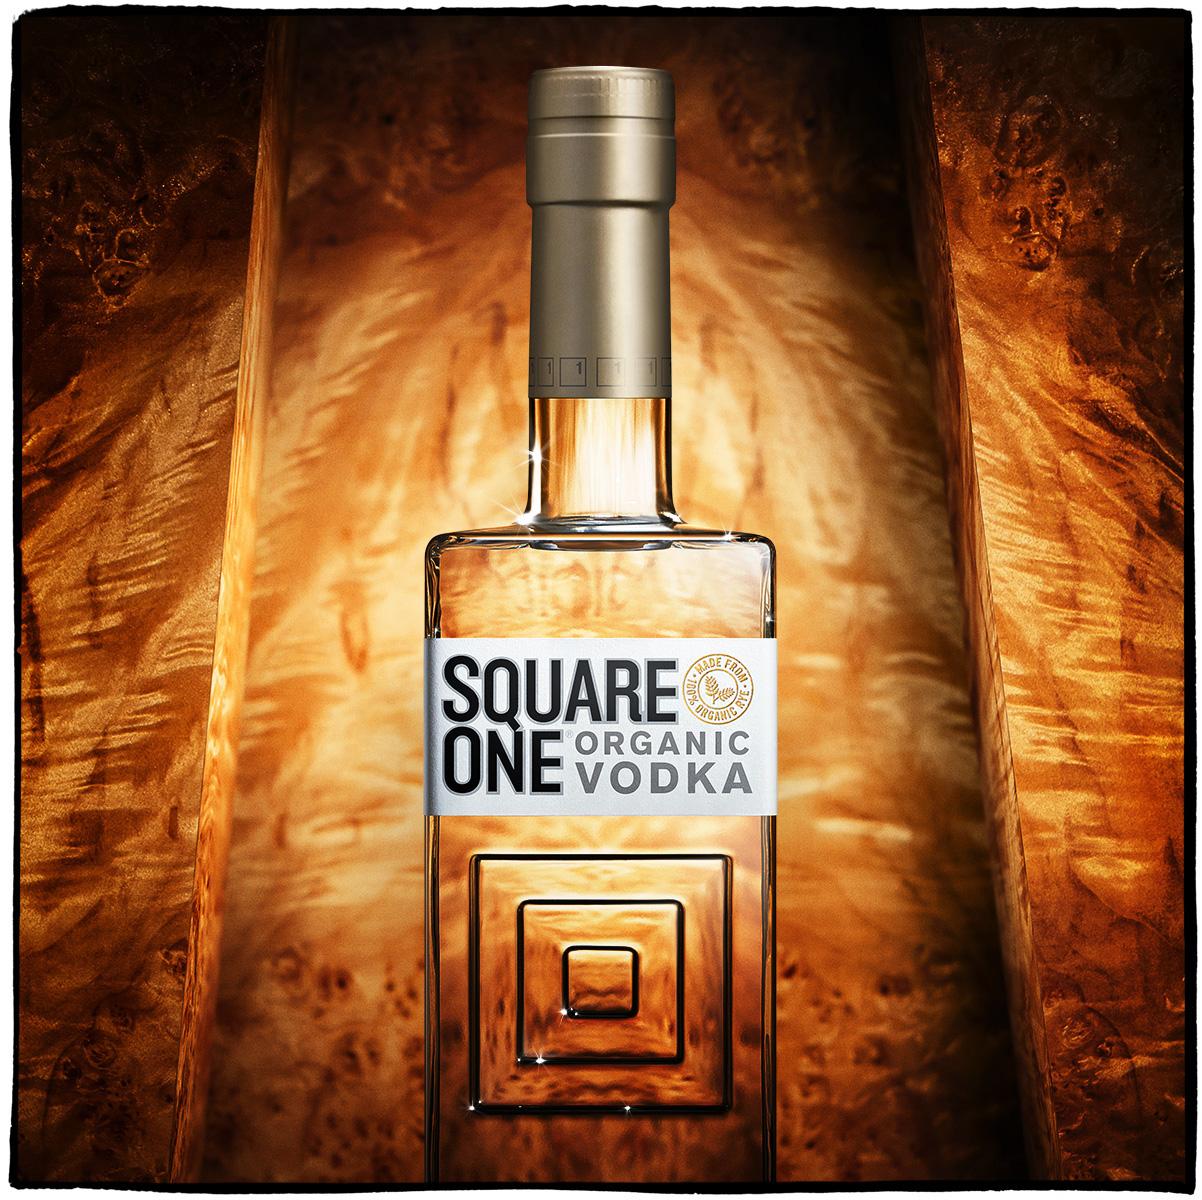 SquareOne_Main_v6b_sq-brdr12k.jpg